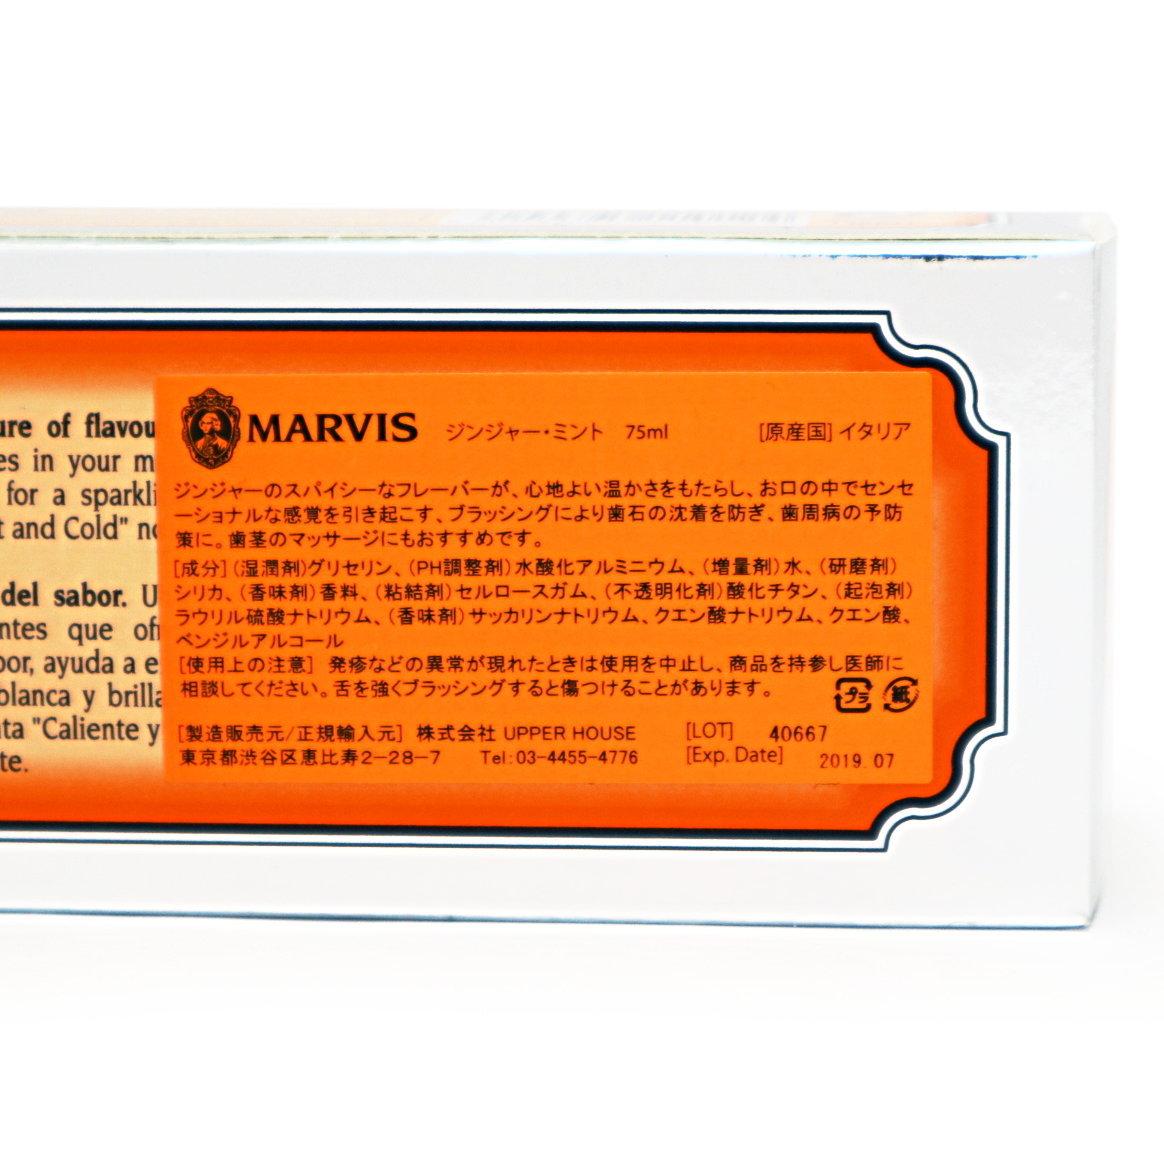 ジンジャー・ミント/MARVIS(歯磨き粉)